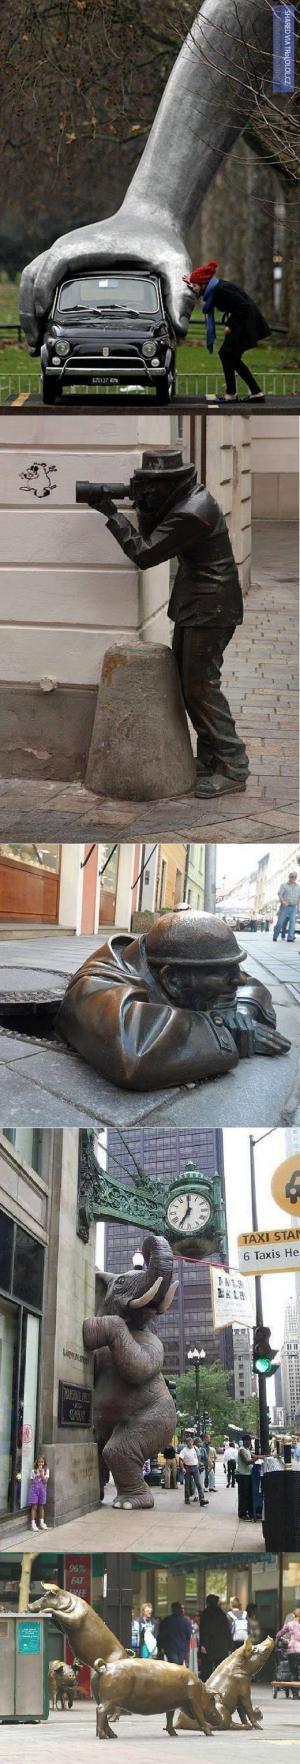 Nejkrutopřísnější sochy